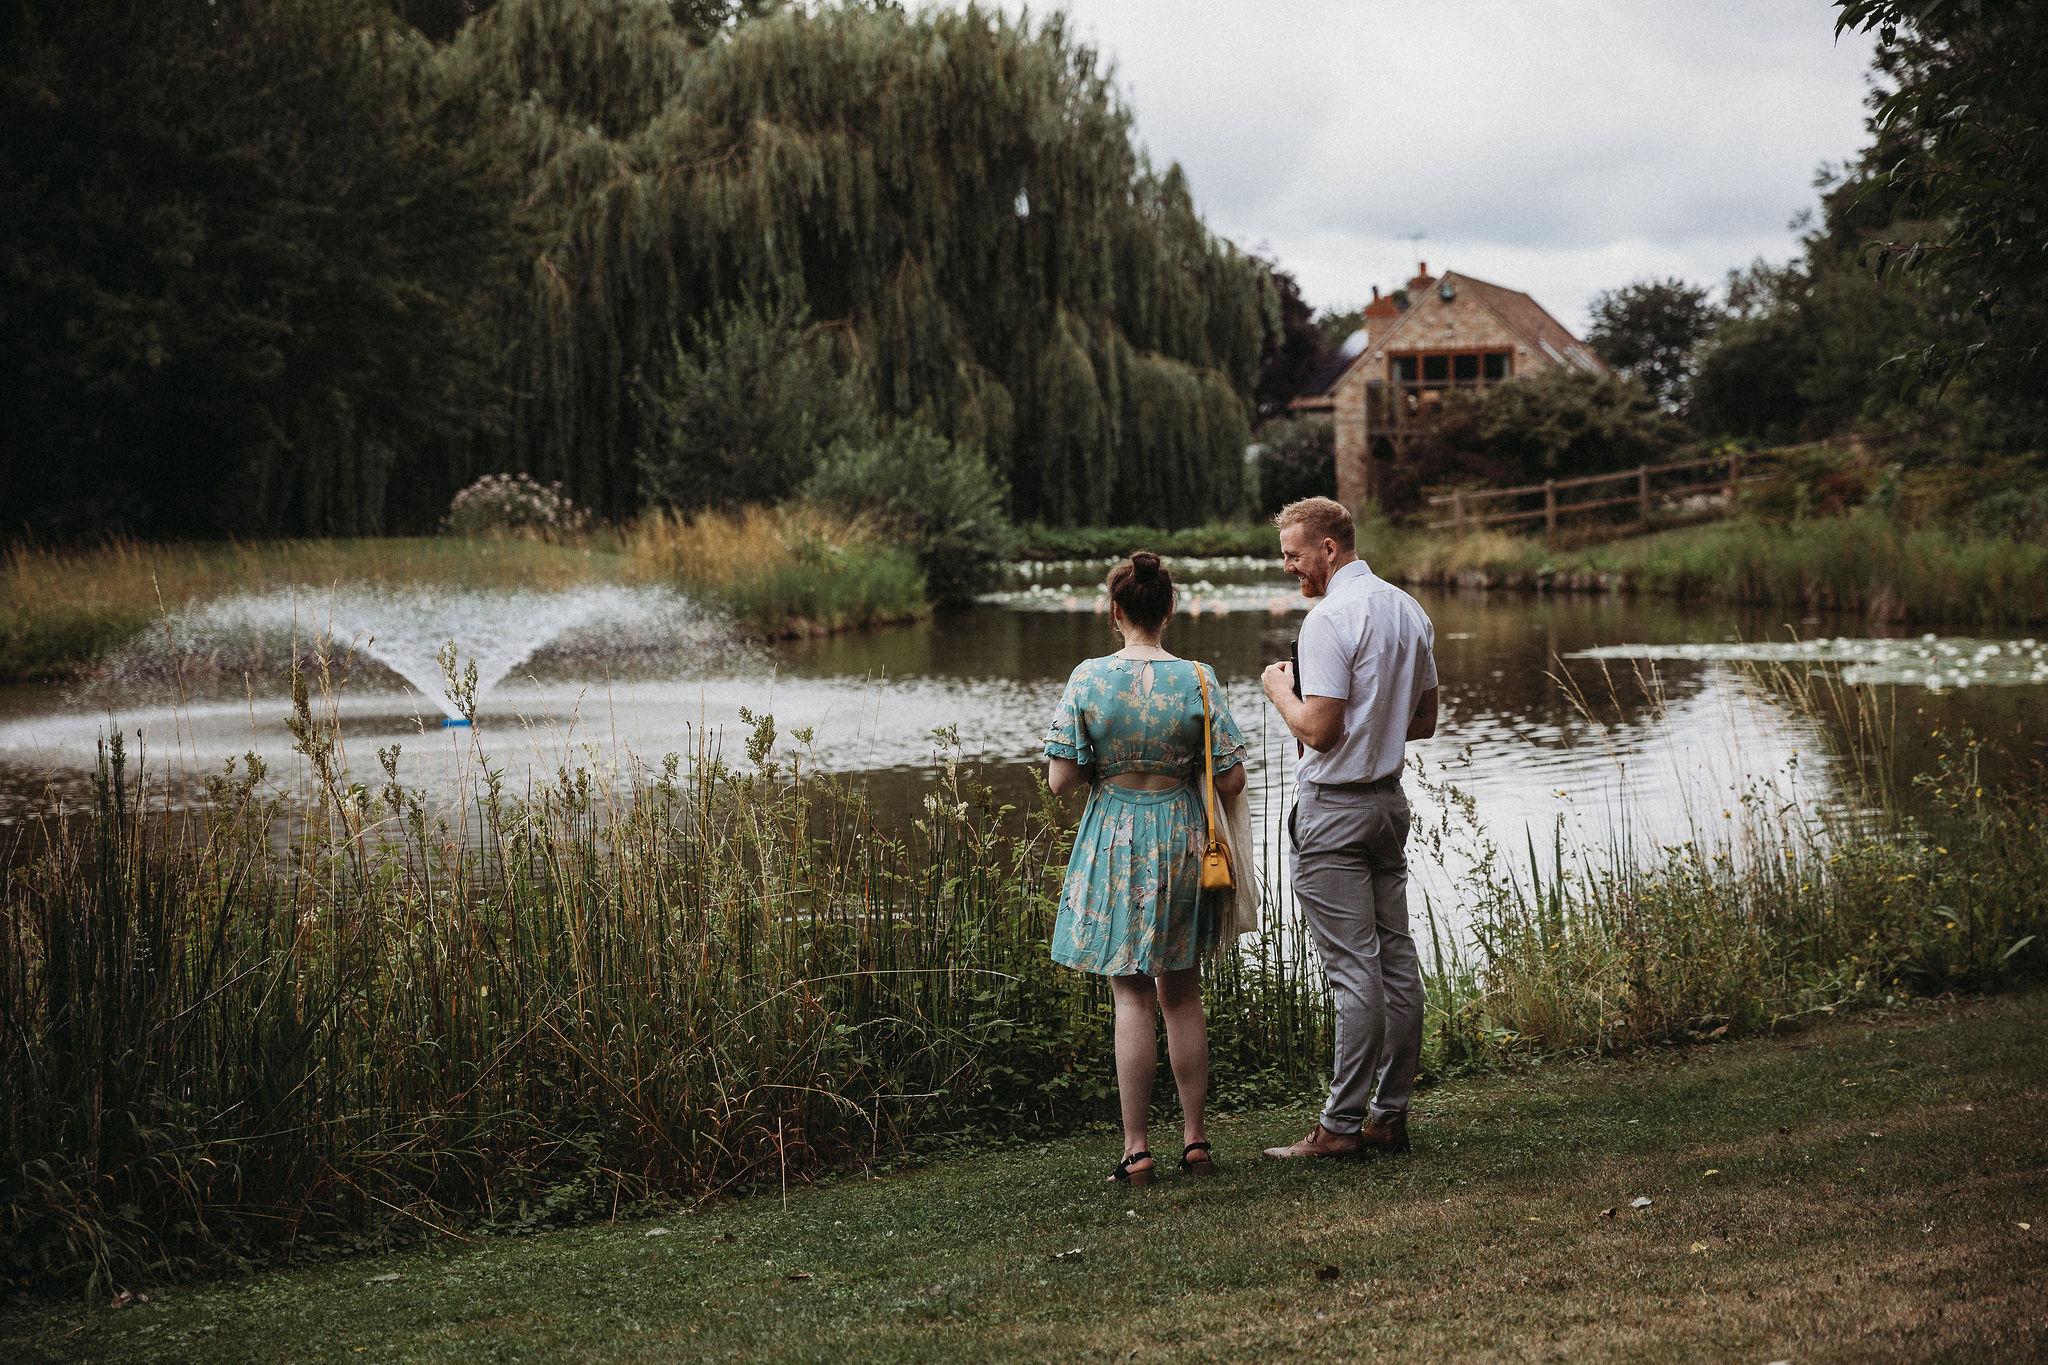 Wedding guests enjoying the lake